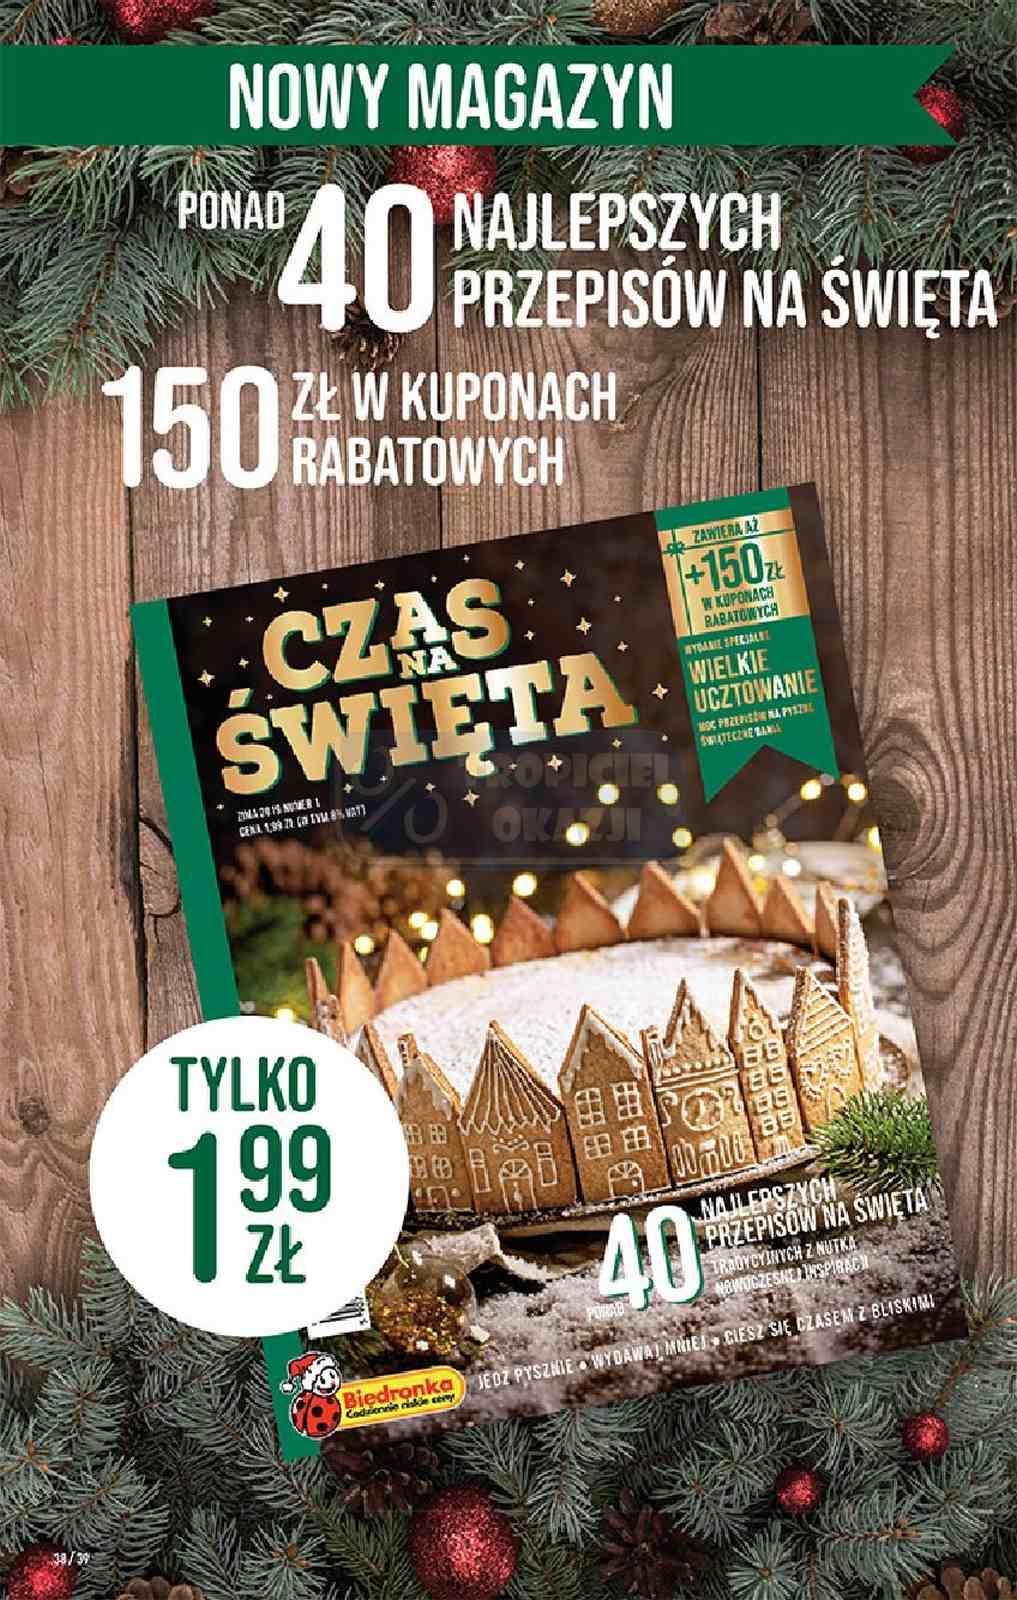 Gazetka promocyjna Biedronka do 15/12/2019 str.38